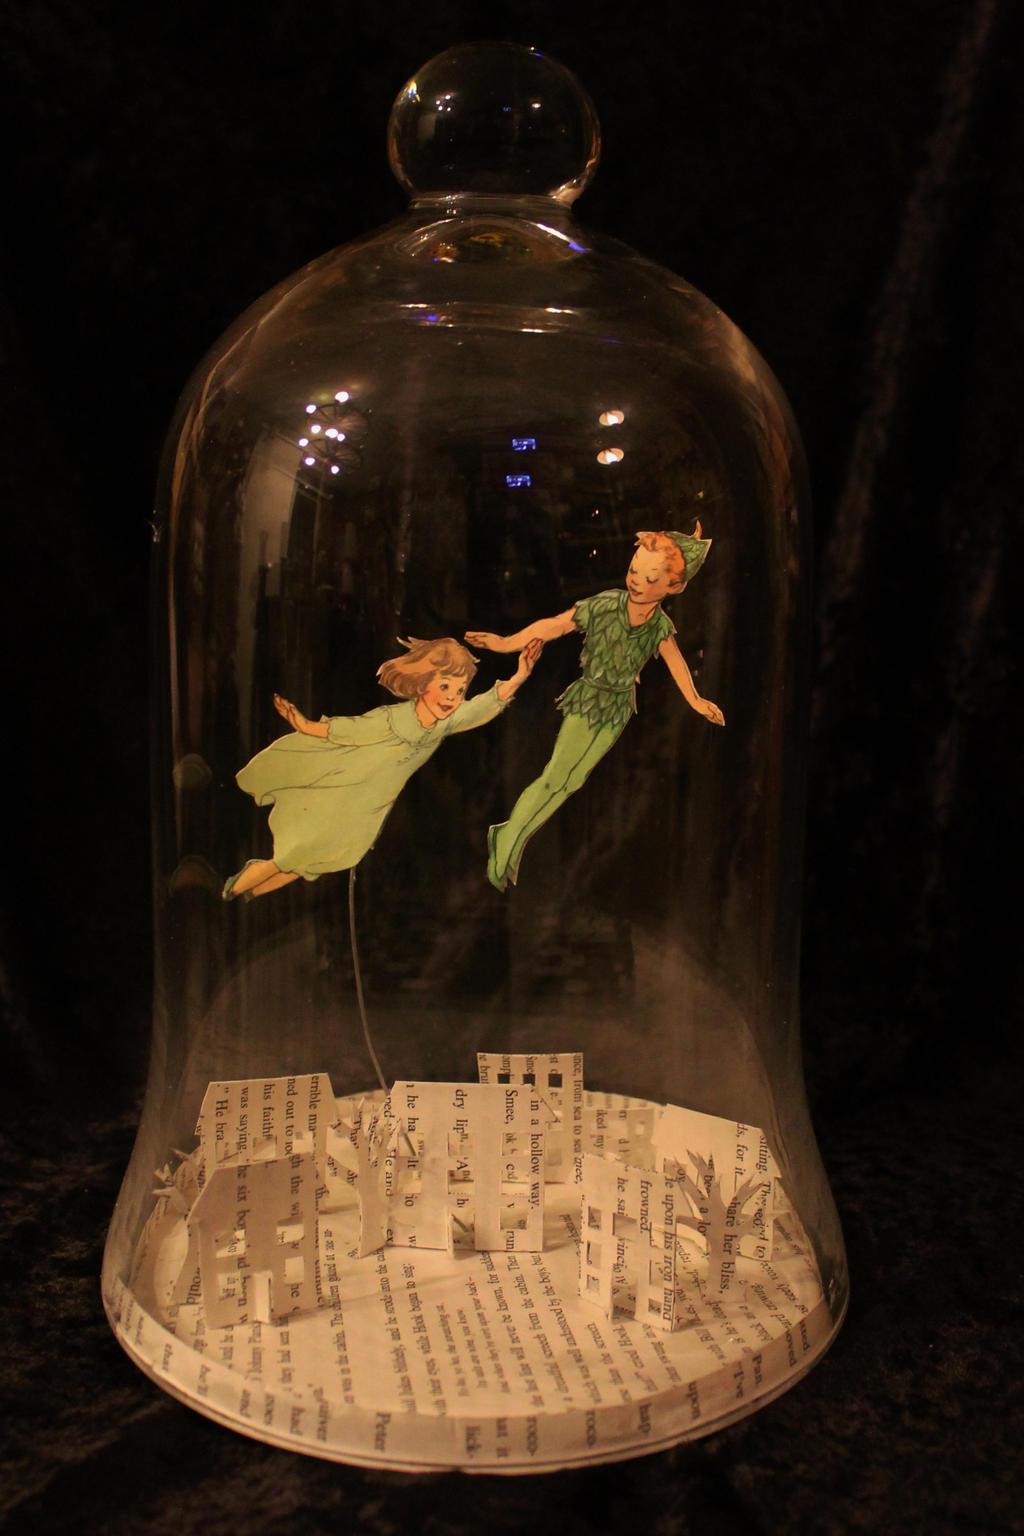 Peter Pan Bell Jar Book Sculpture by wetcanvas